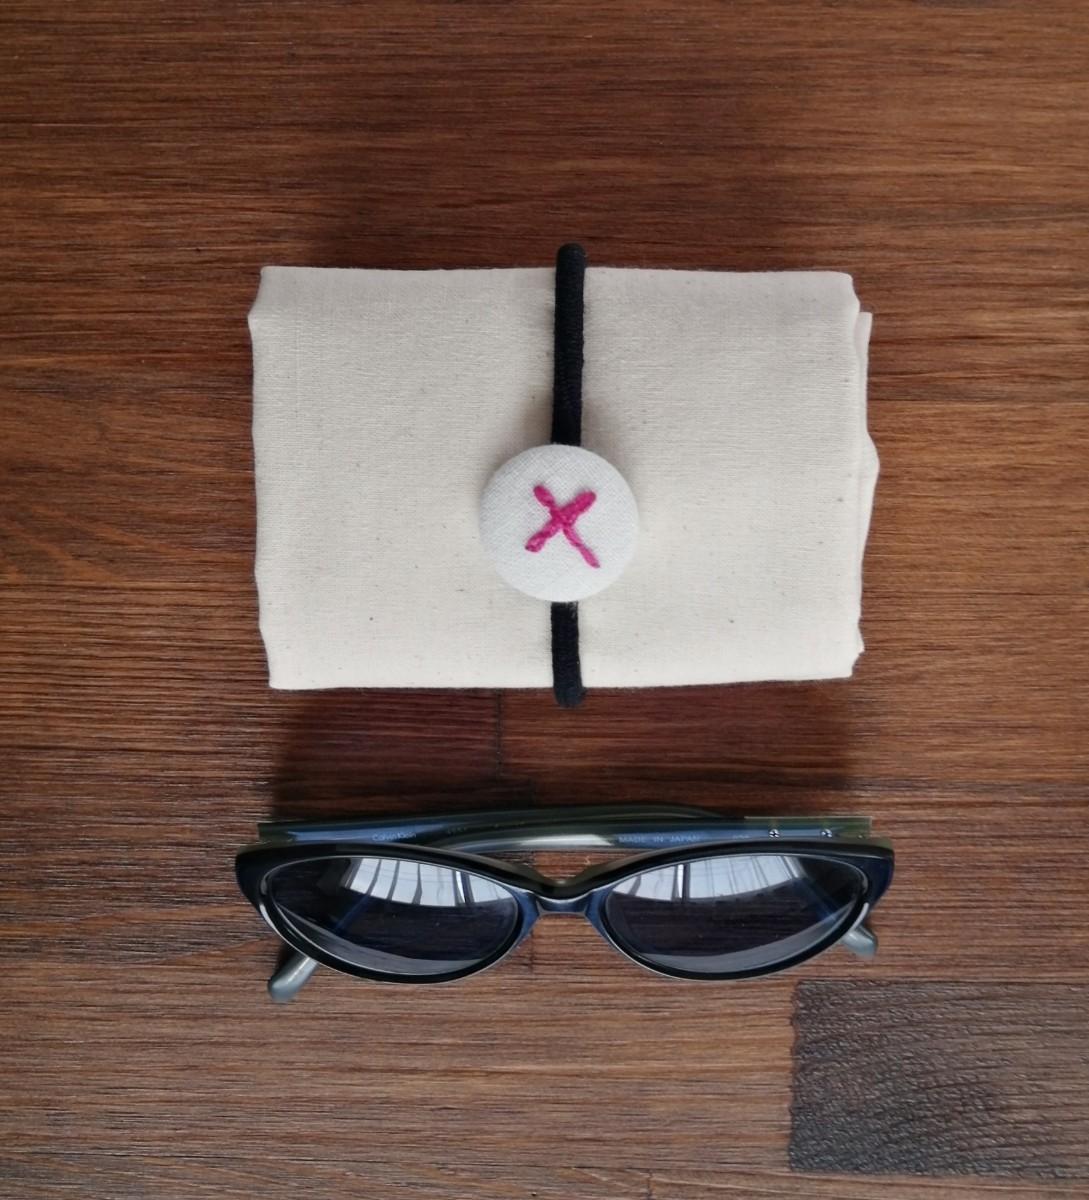 ハンドメイド ピンクのバス 手縫いの刺繍 トートバッグ フラット エコバッグ ショルダーバッグ レッスンバッグ 生成り コットン